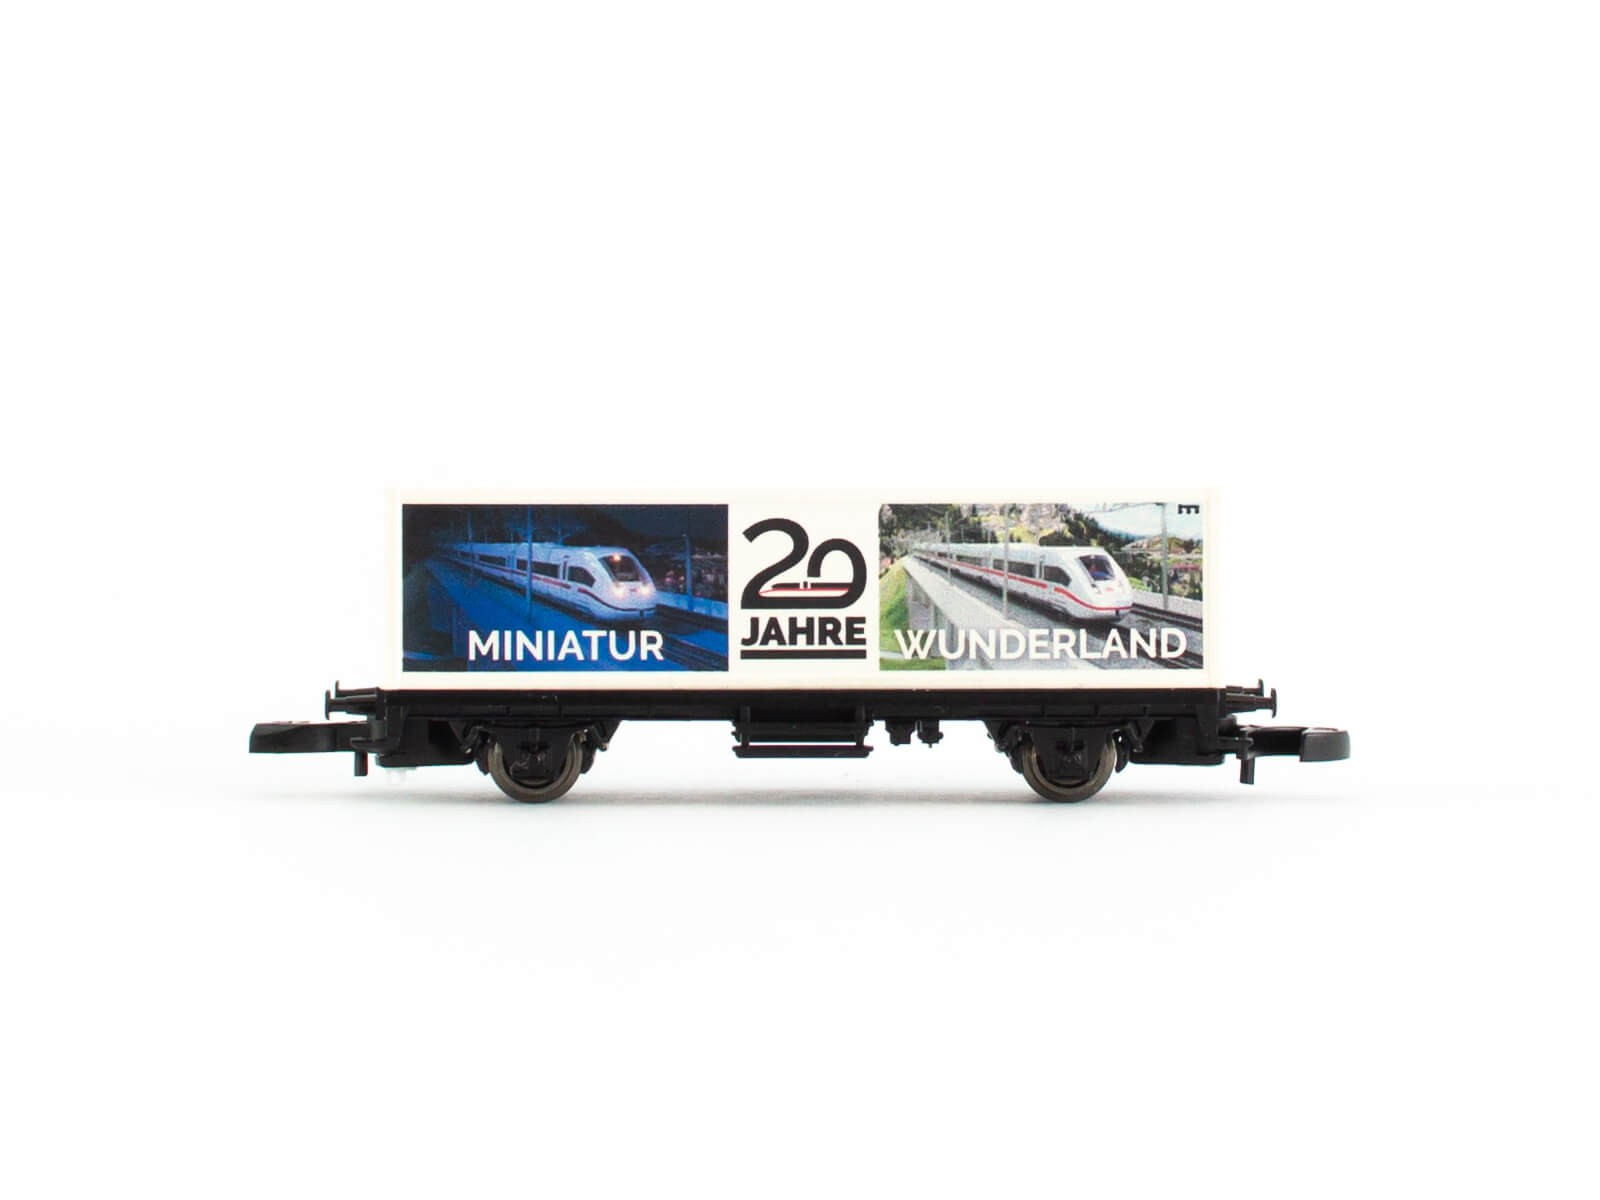 Sonderwagen Spur Z Containerwagen 2021 - 20 Jahre